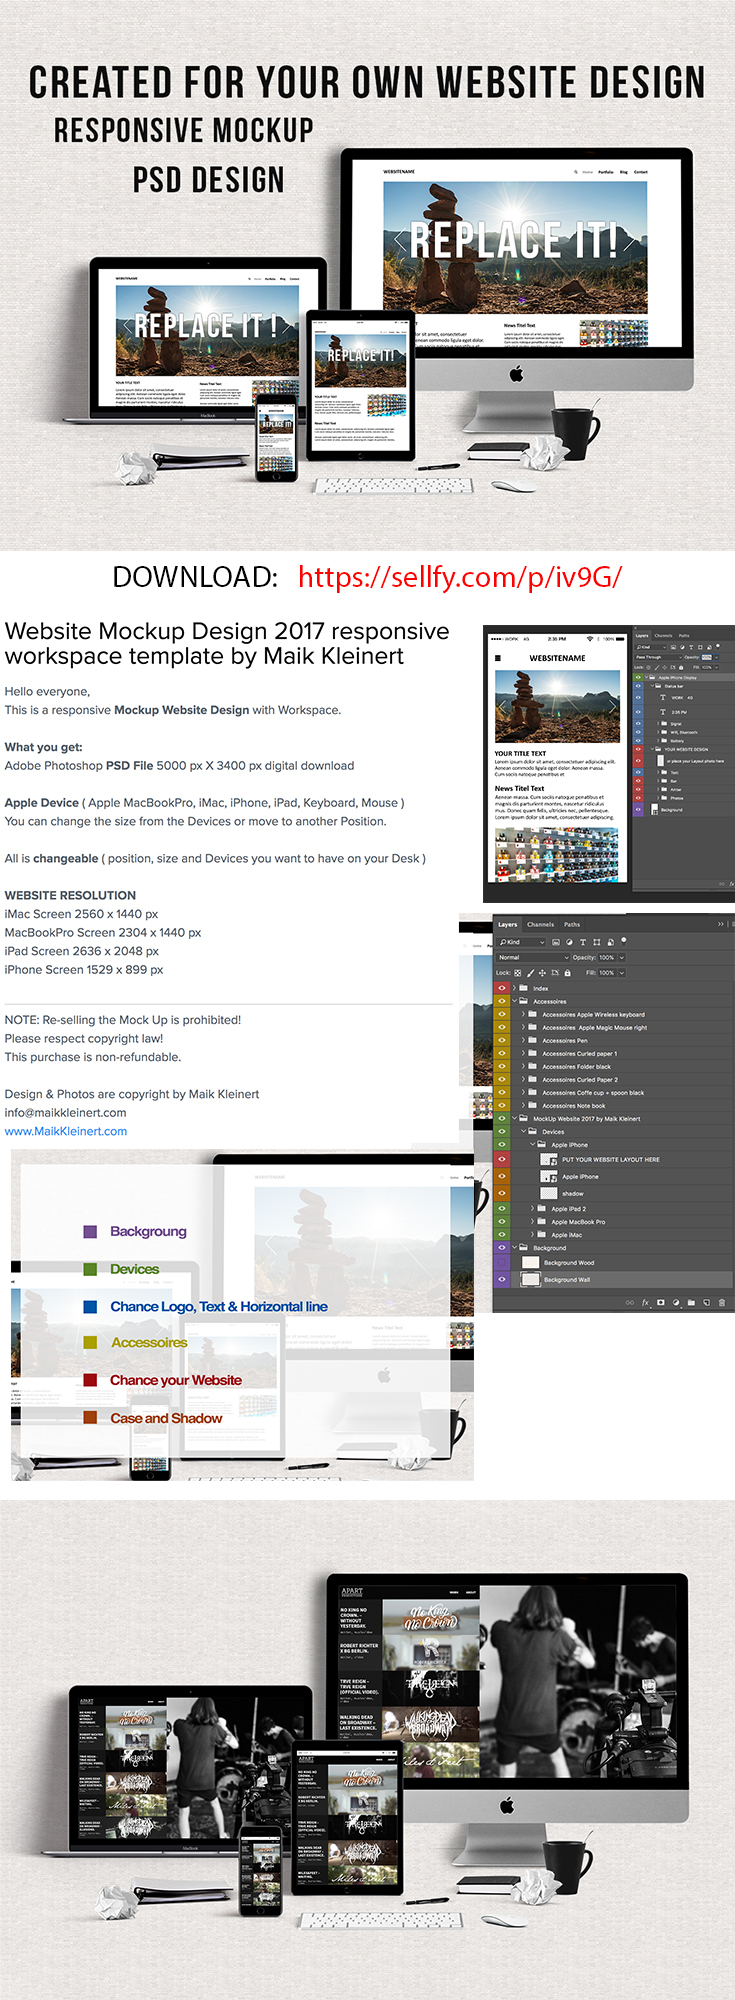 mockup-website-design-template-maik-kleinert-pinterest.jpg